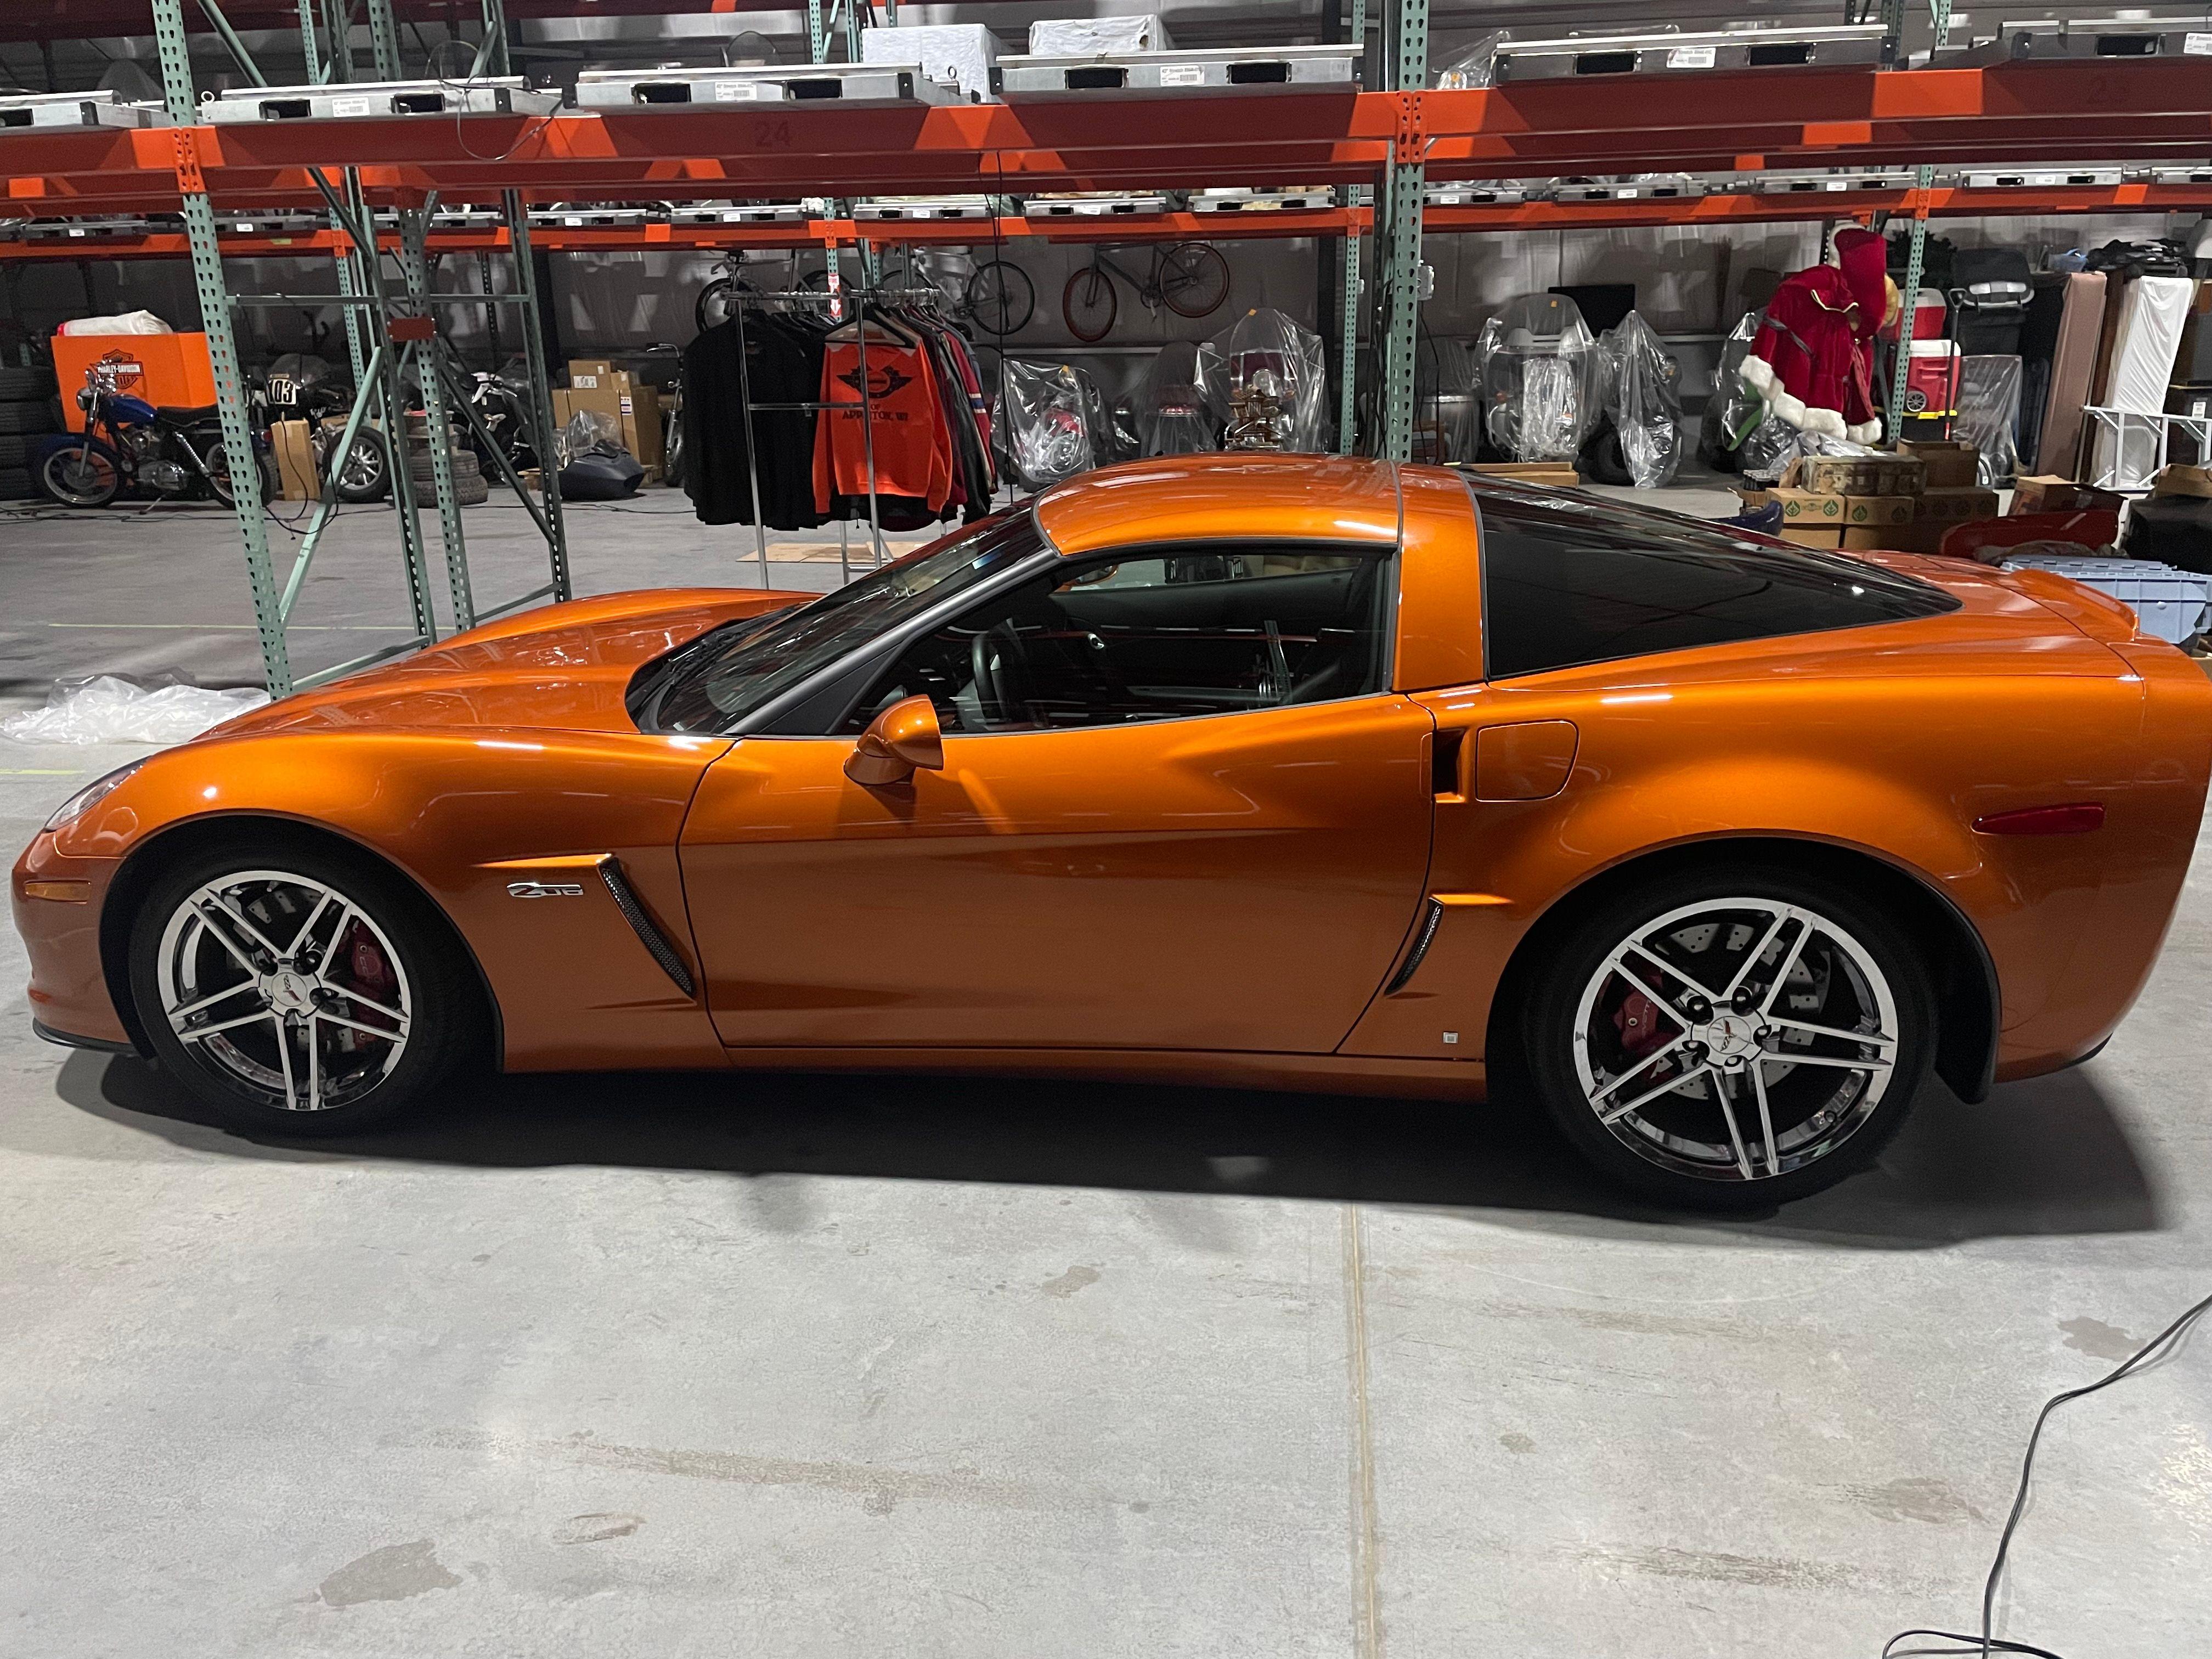 2008 Chevorlet Corvette Z06